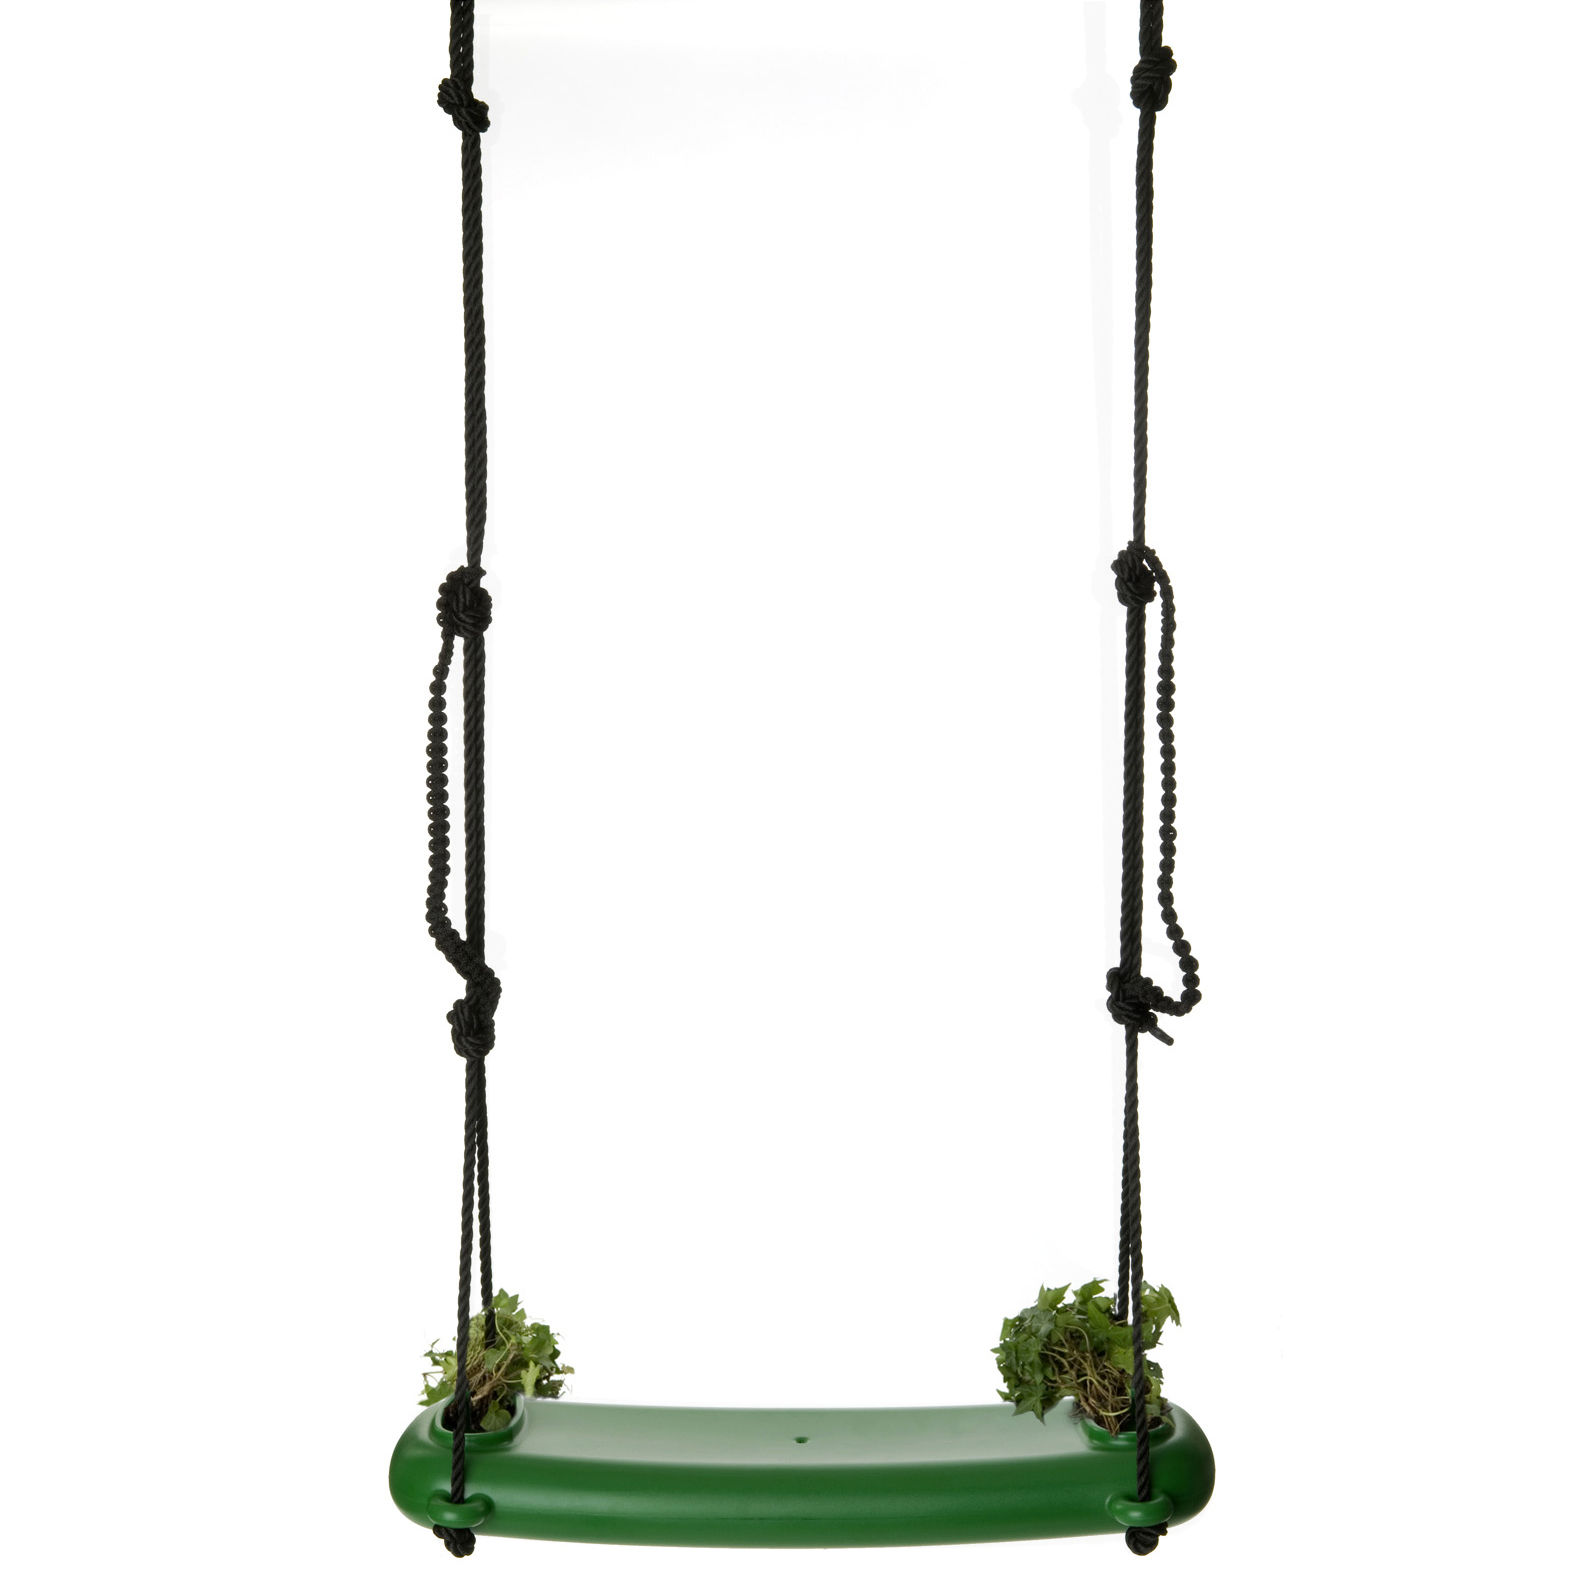 Déco - Tendance humour & décalage - Balançoire Swing with the plants jardinière intégrée - droog - Vert - Nylon, Polyéthylène